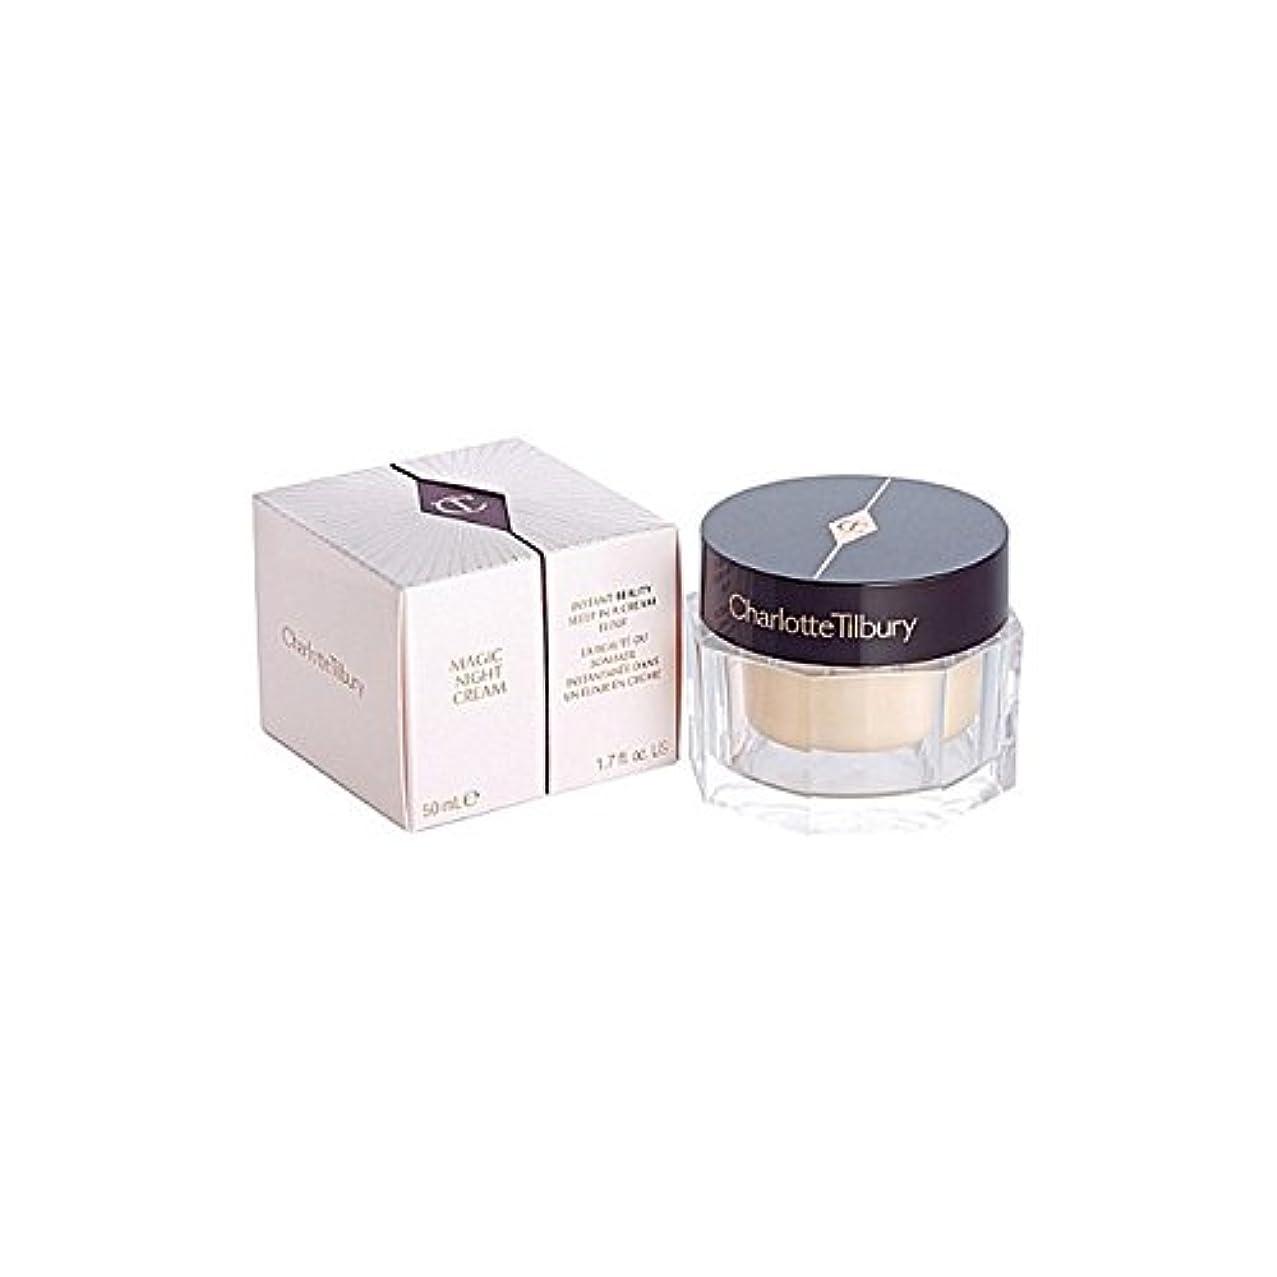 マニア不定検索シャーロットティルバリーマジックナイトレスキュークリーム50 x4 - Charlotte Tilbury Magic Night Rescue Cream 50Ml (Pack of 4) [並行輸入品]